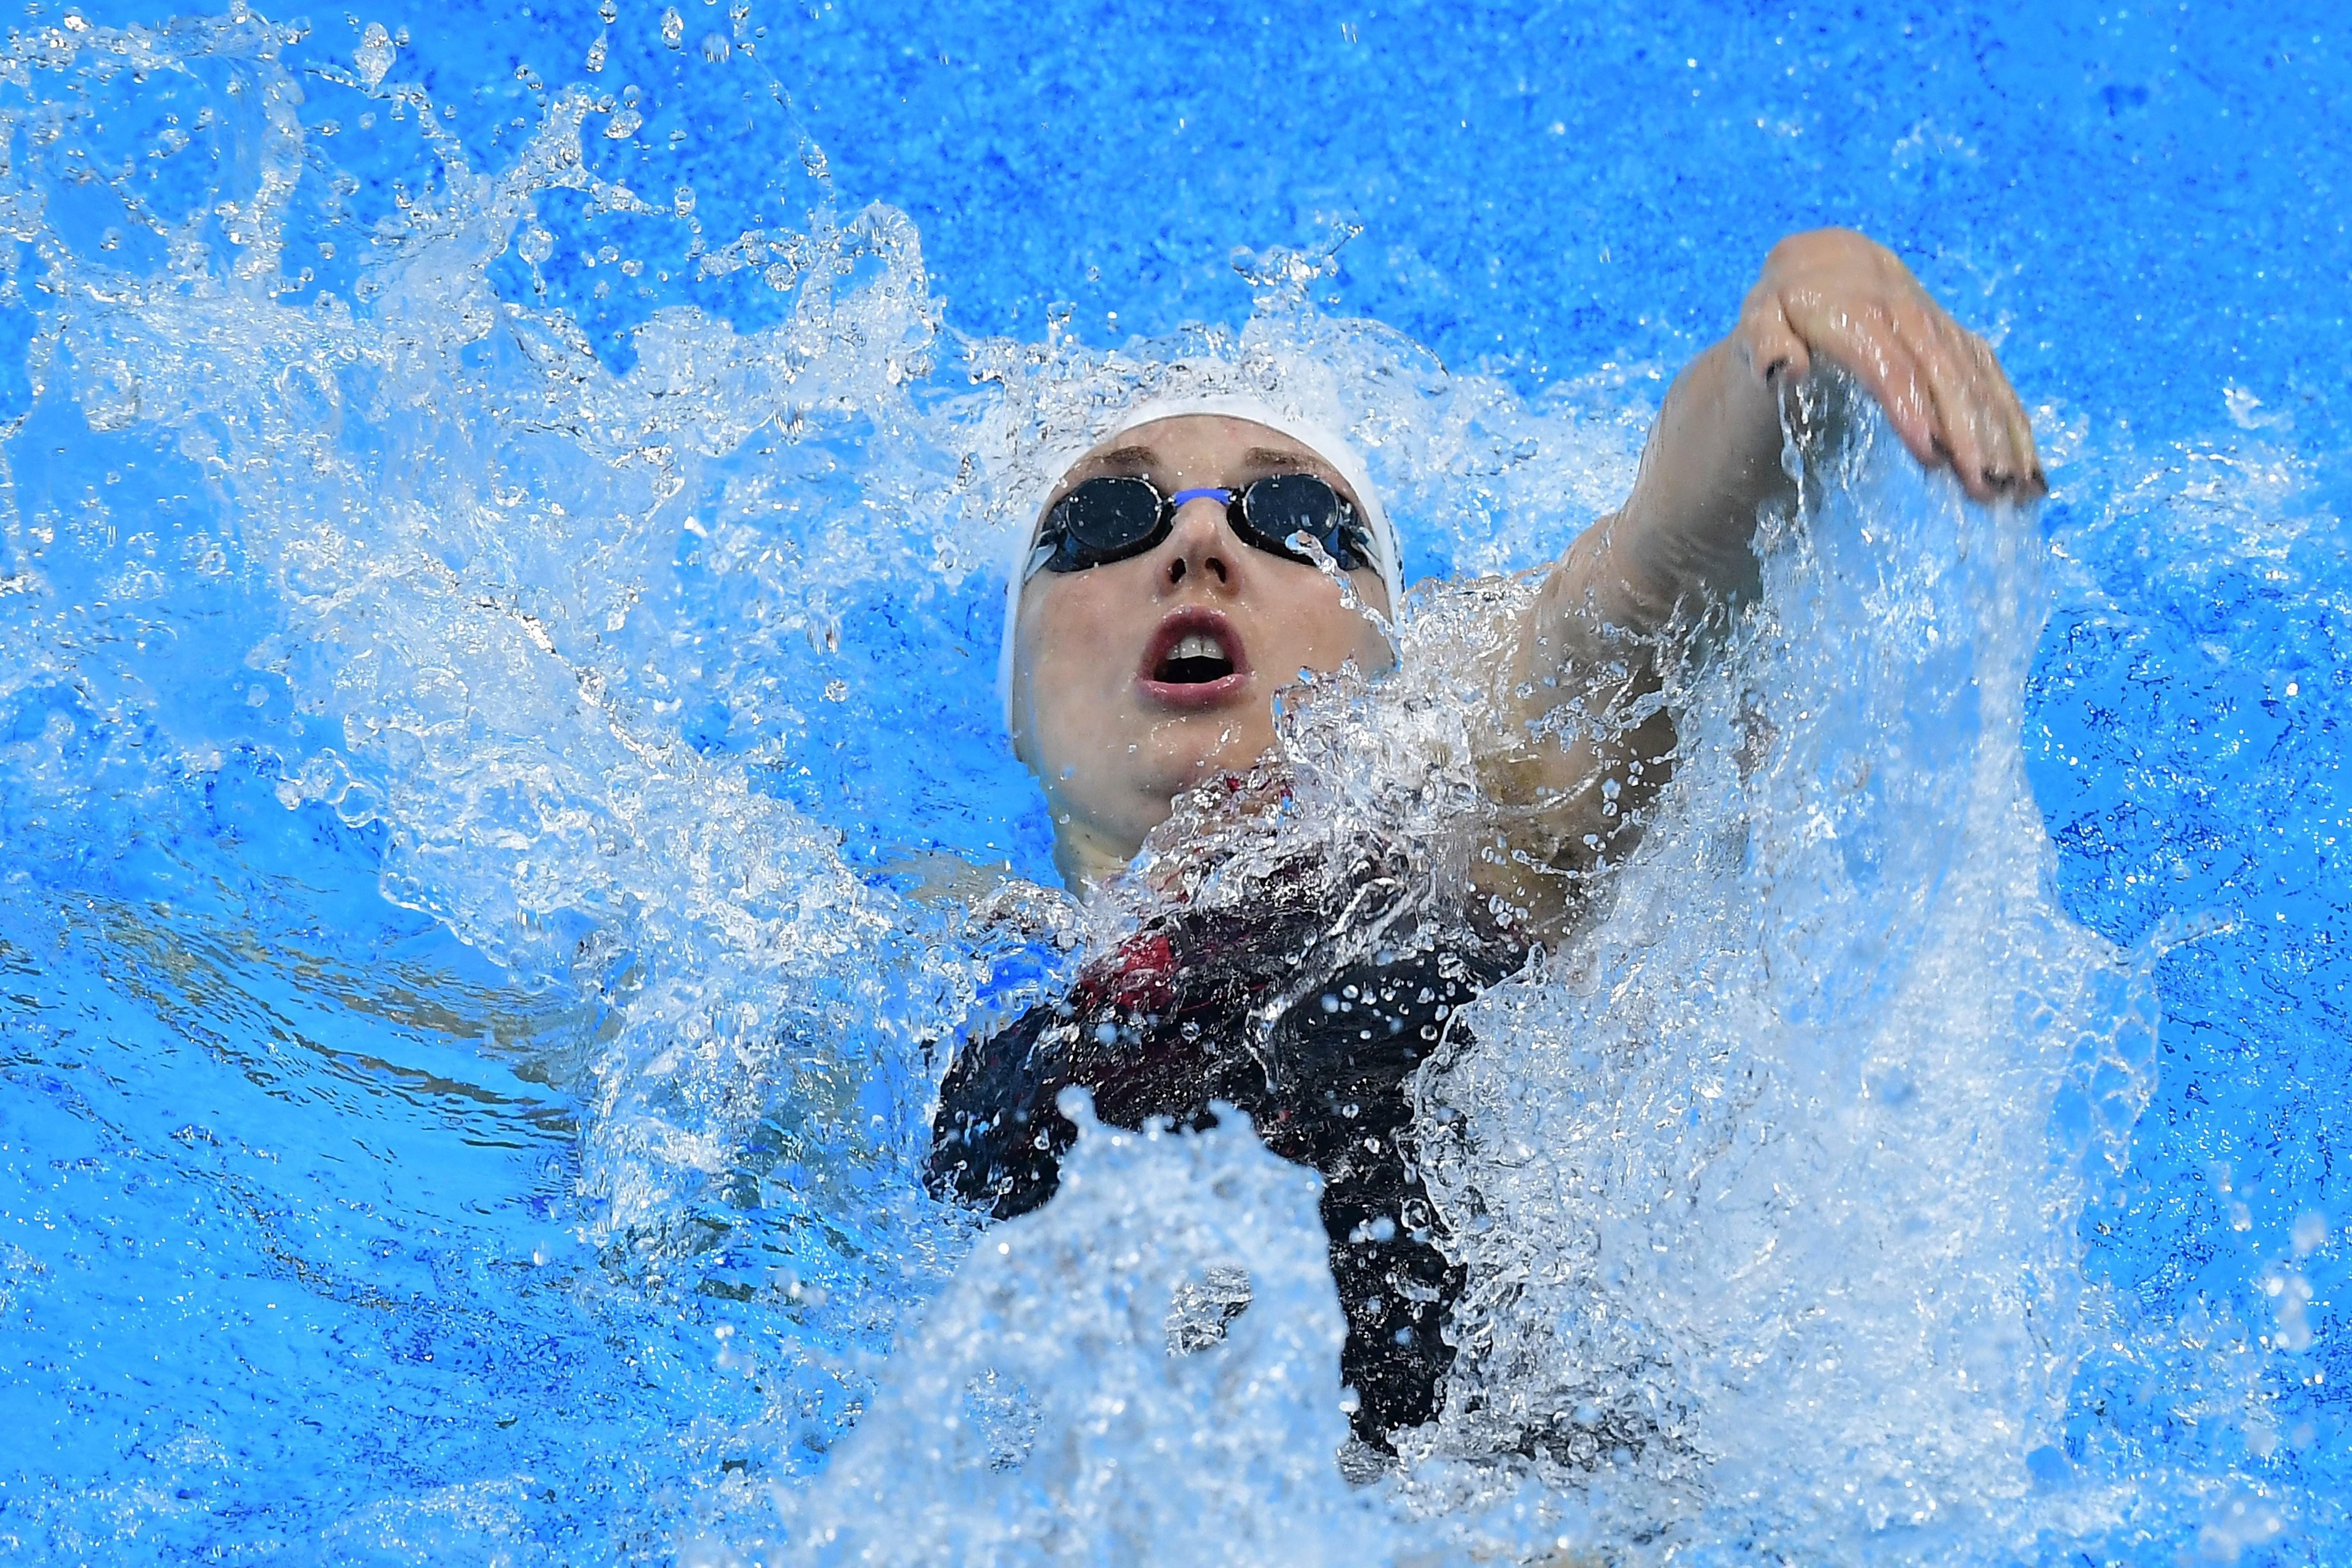 Úszó Eb eredmények - Verrasztó arany-, Késely ezüst-, Burián bronzérmes a zárónapon